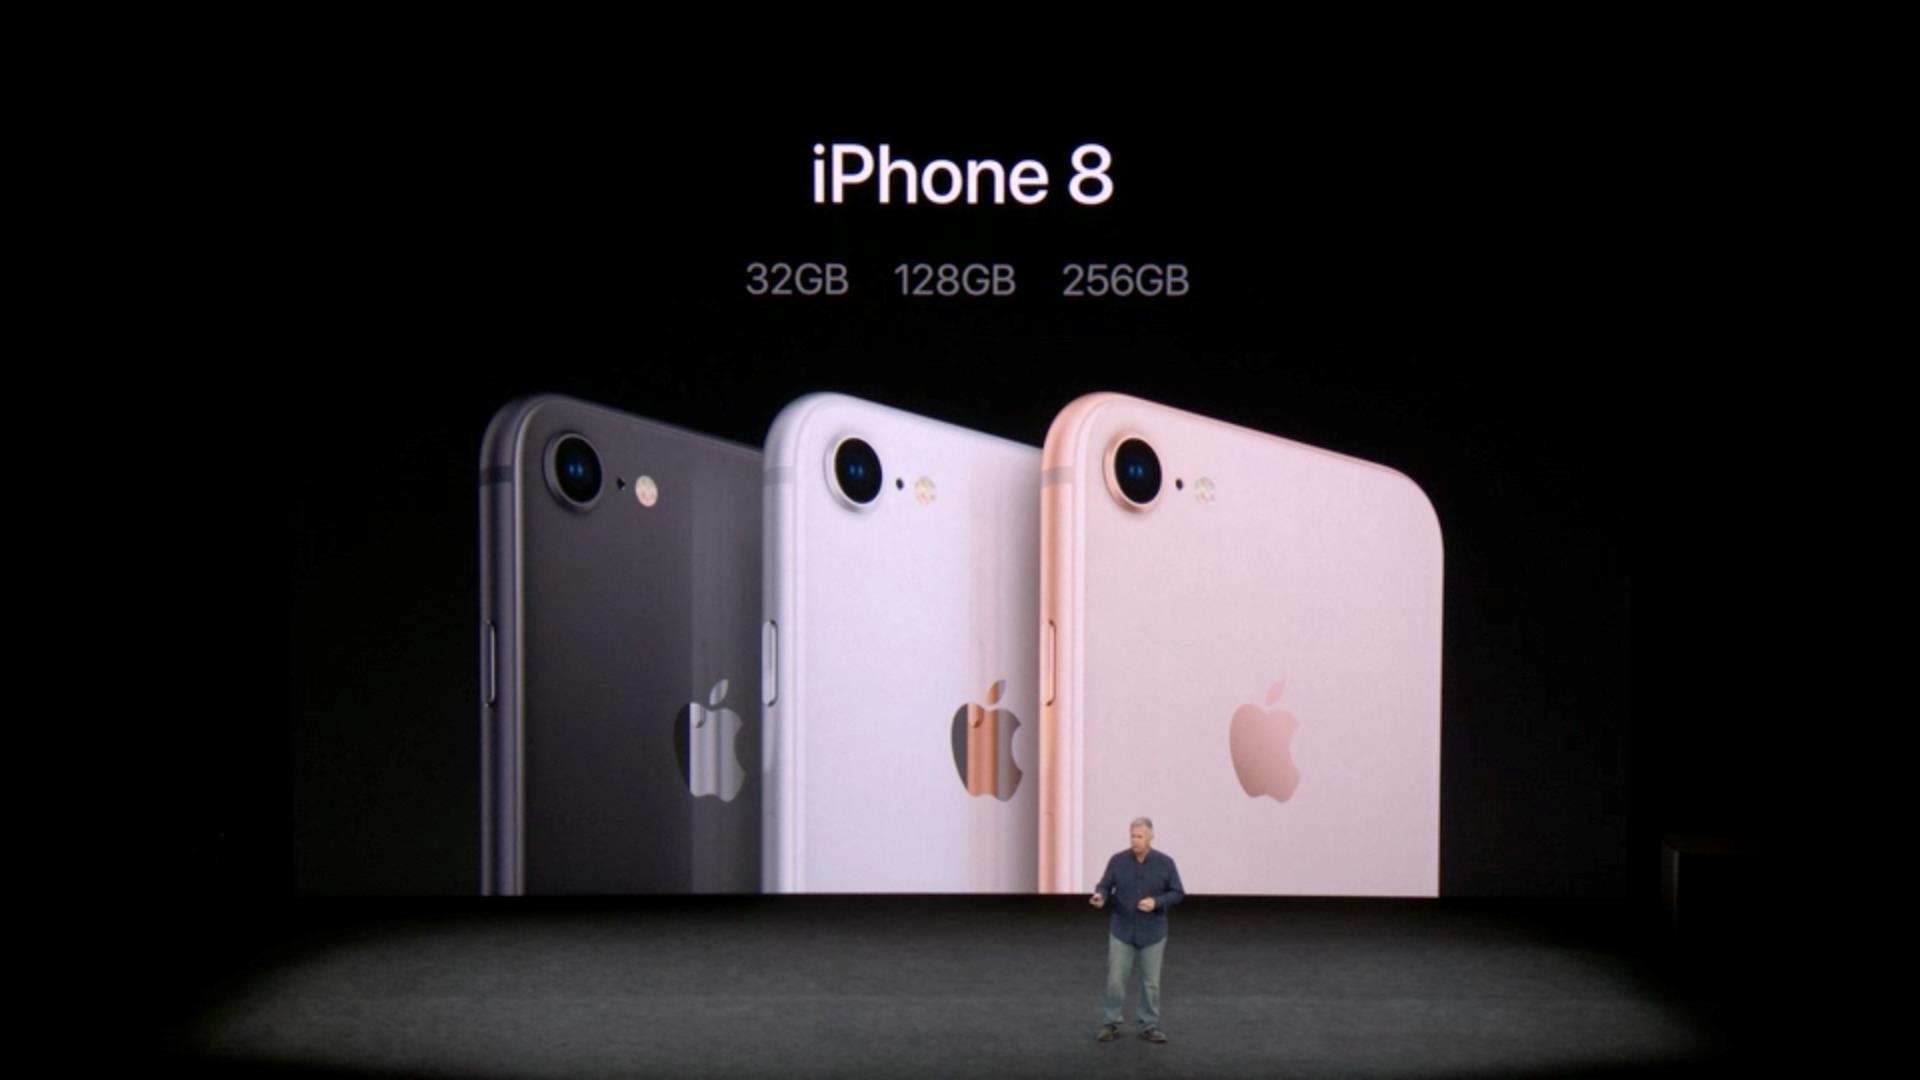 www.italiamac.it apple prezzi italiani set. 2017 2 Ecco i prezzi italiani di tutti i nuovi prodotti Apple